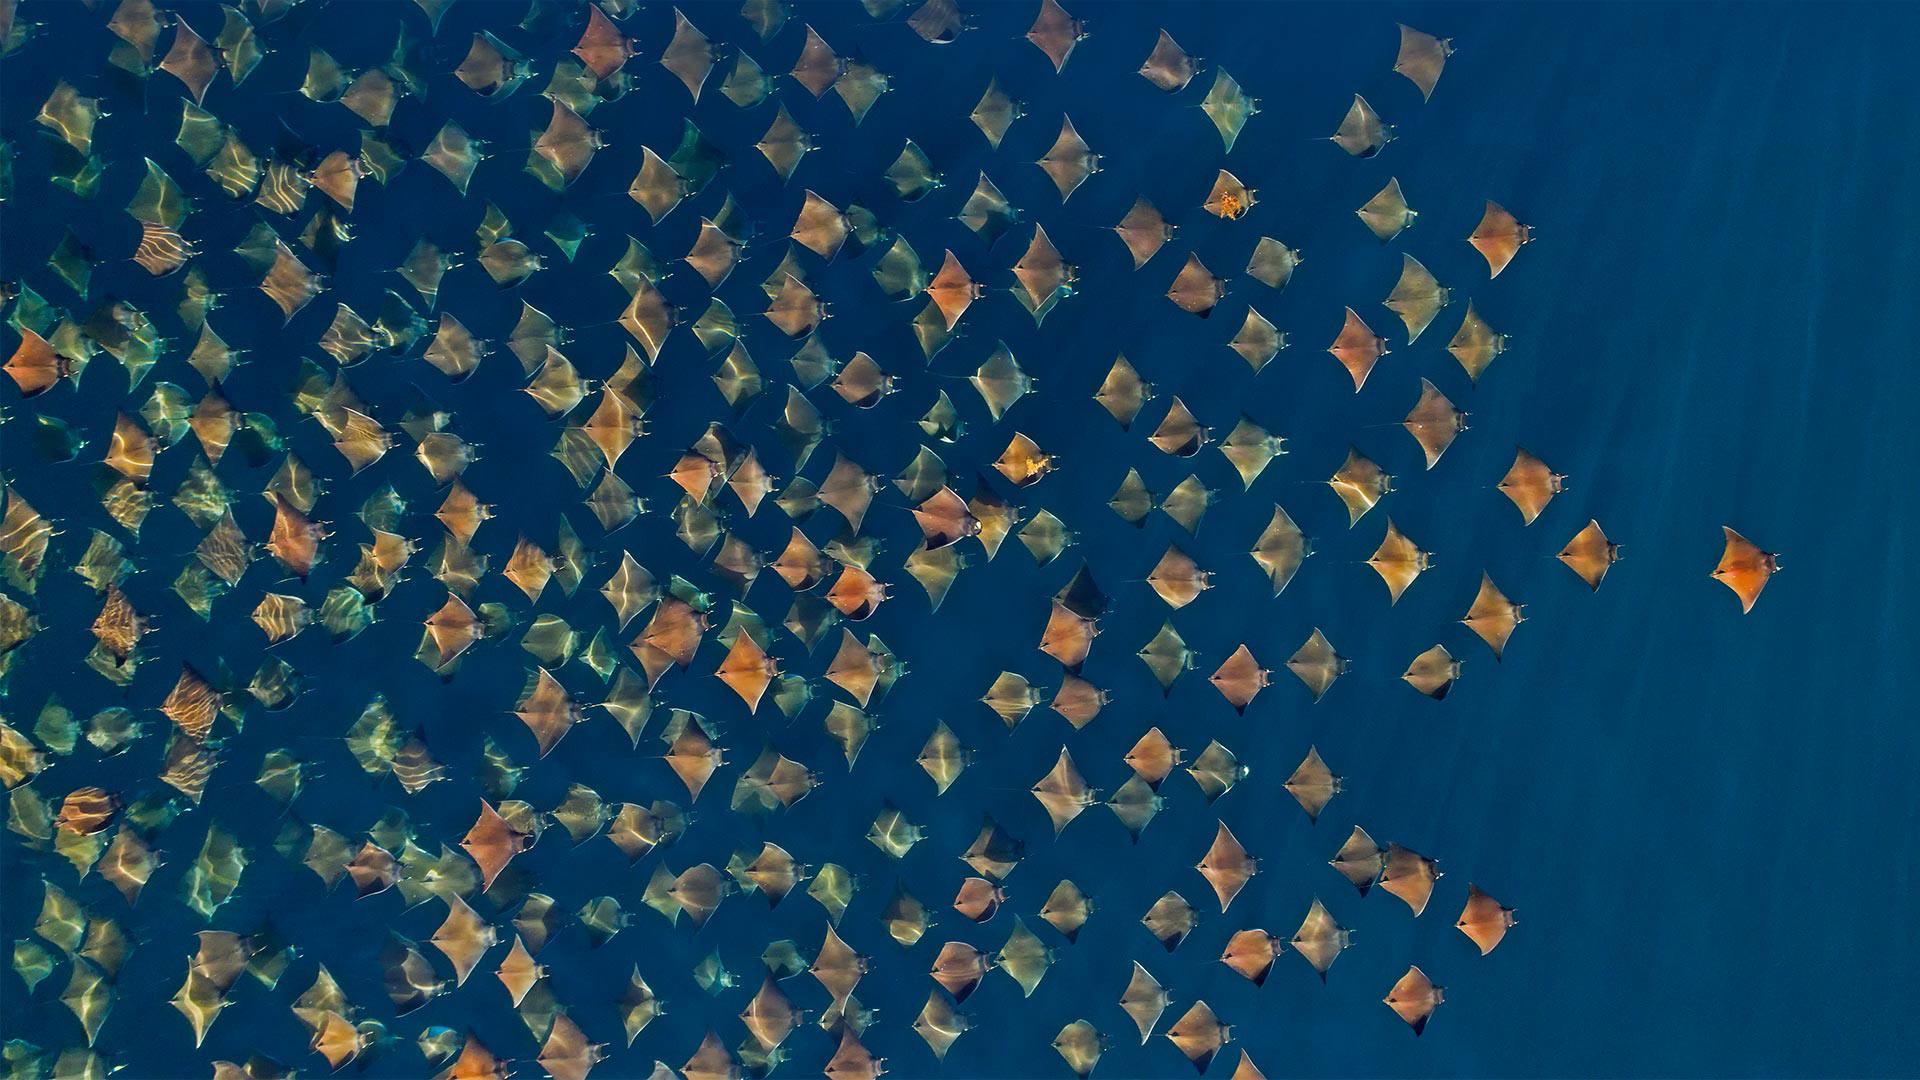 大群的芒基蝠鲼跃出水面,墨西哥加利福尼亚湾 (© Mark Carwardine/Minden Pictures)